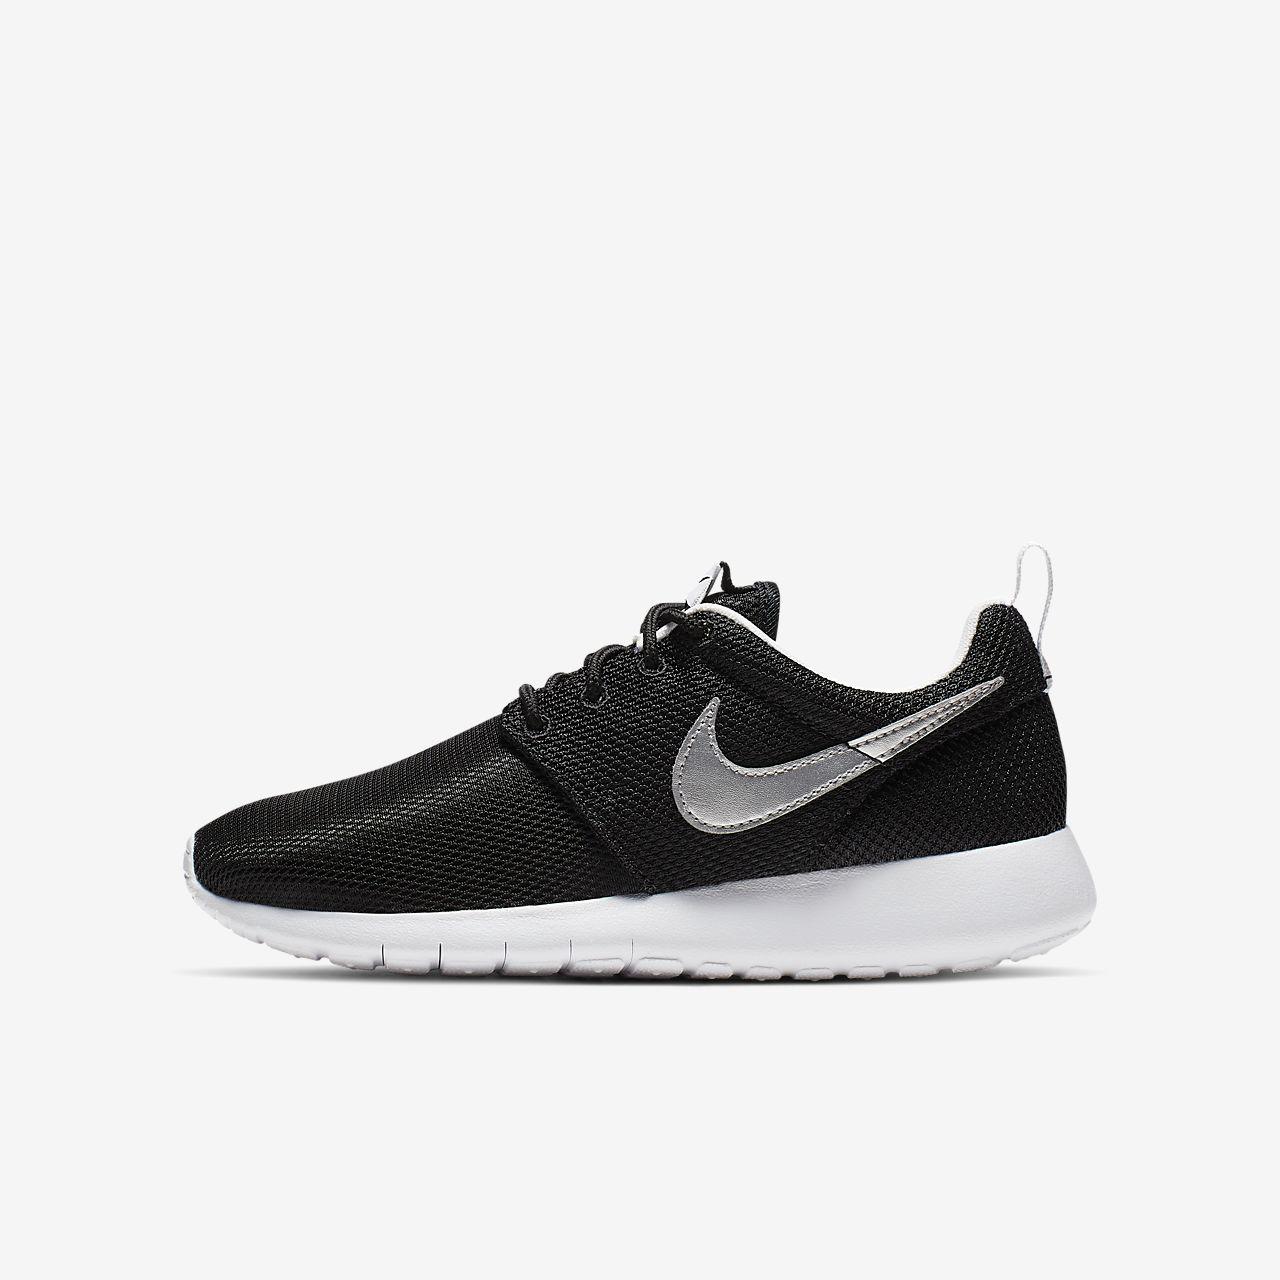 ... Nike Roshe One Older Kids' Shoe